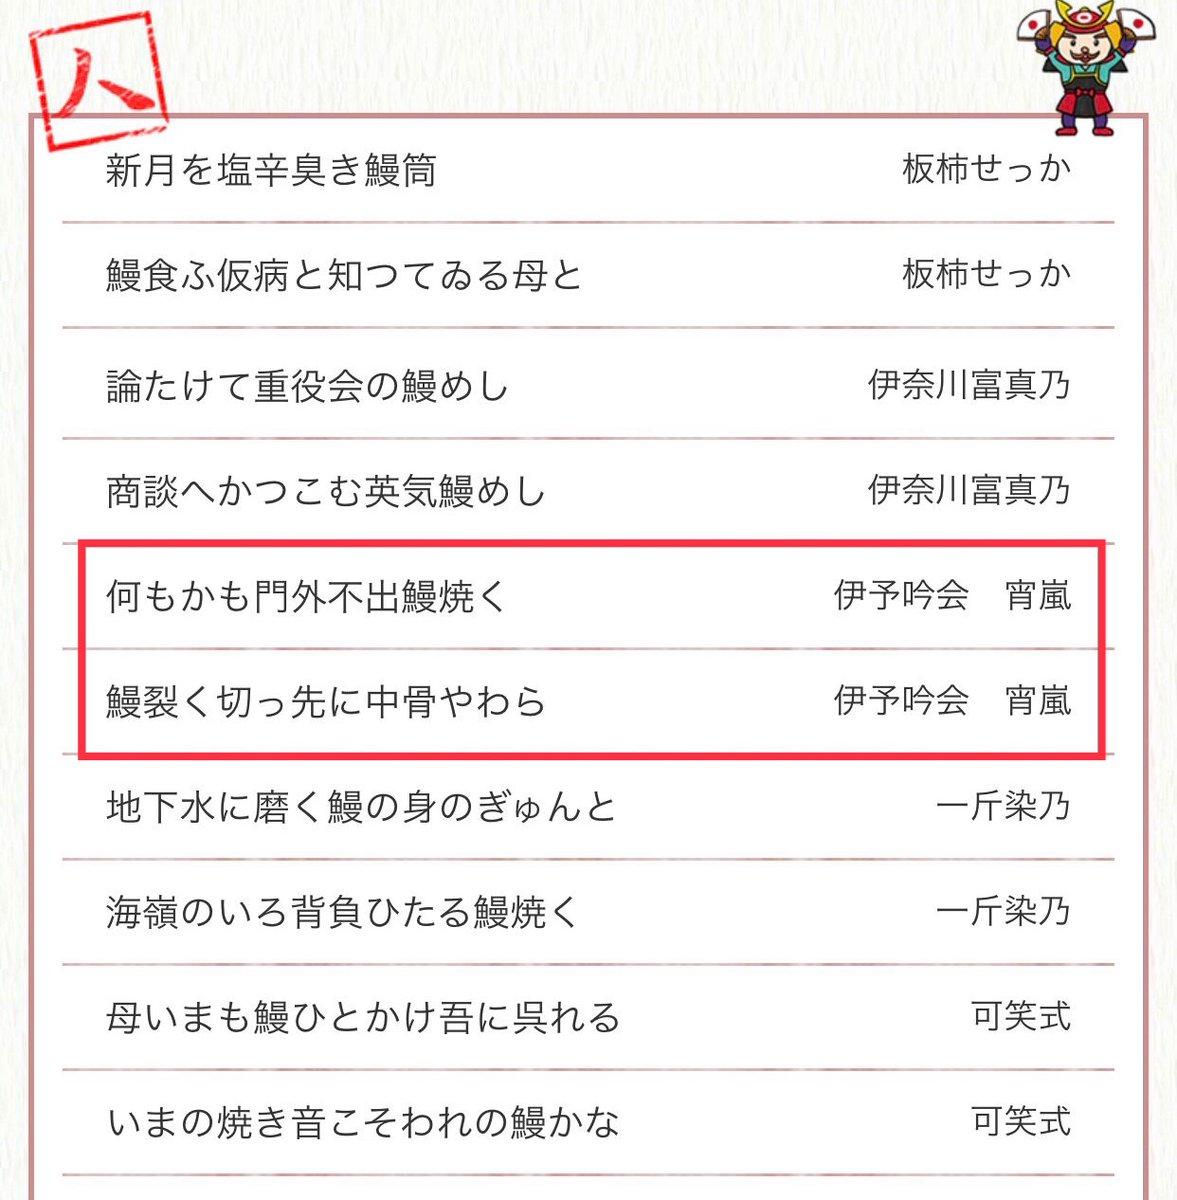 俳句 ポスト 365